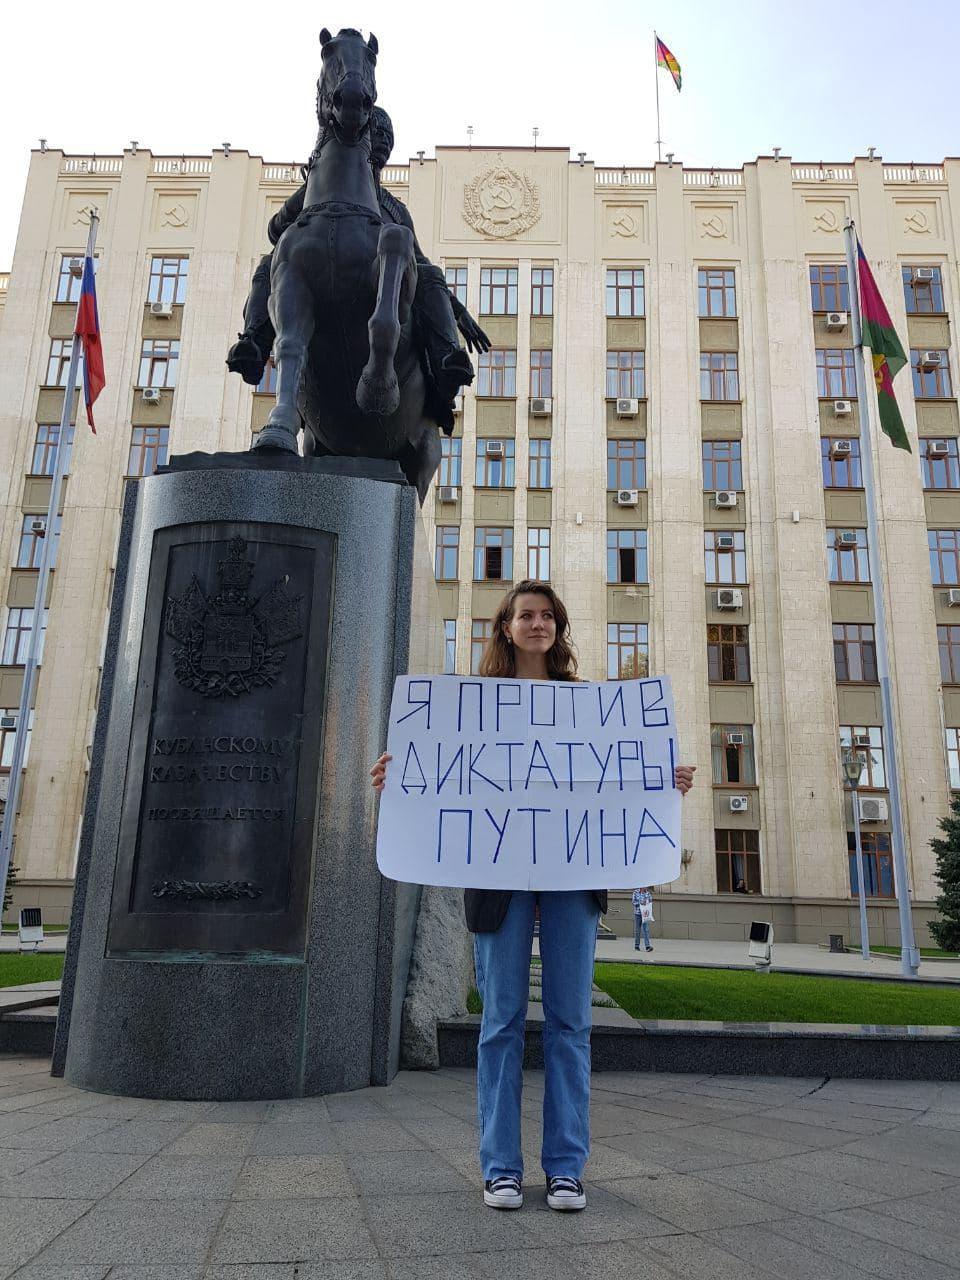 Фото: штаб Навального в Краснодаре